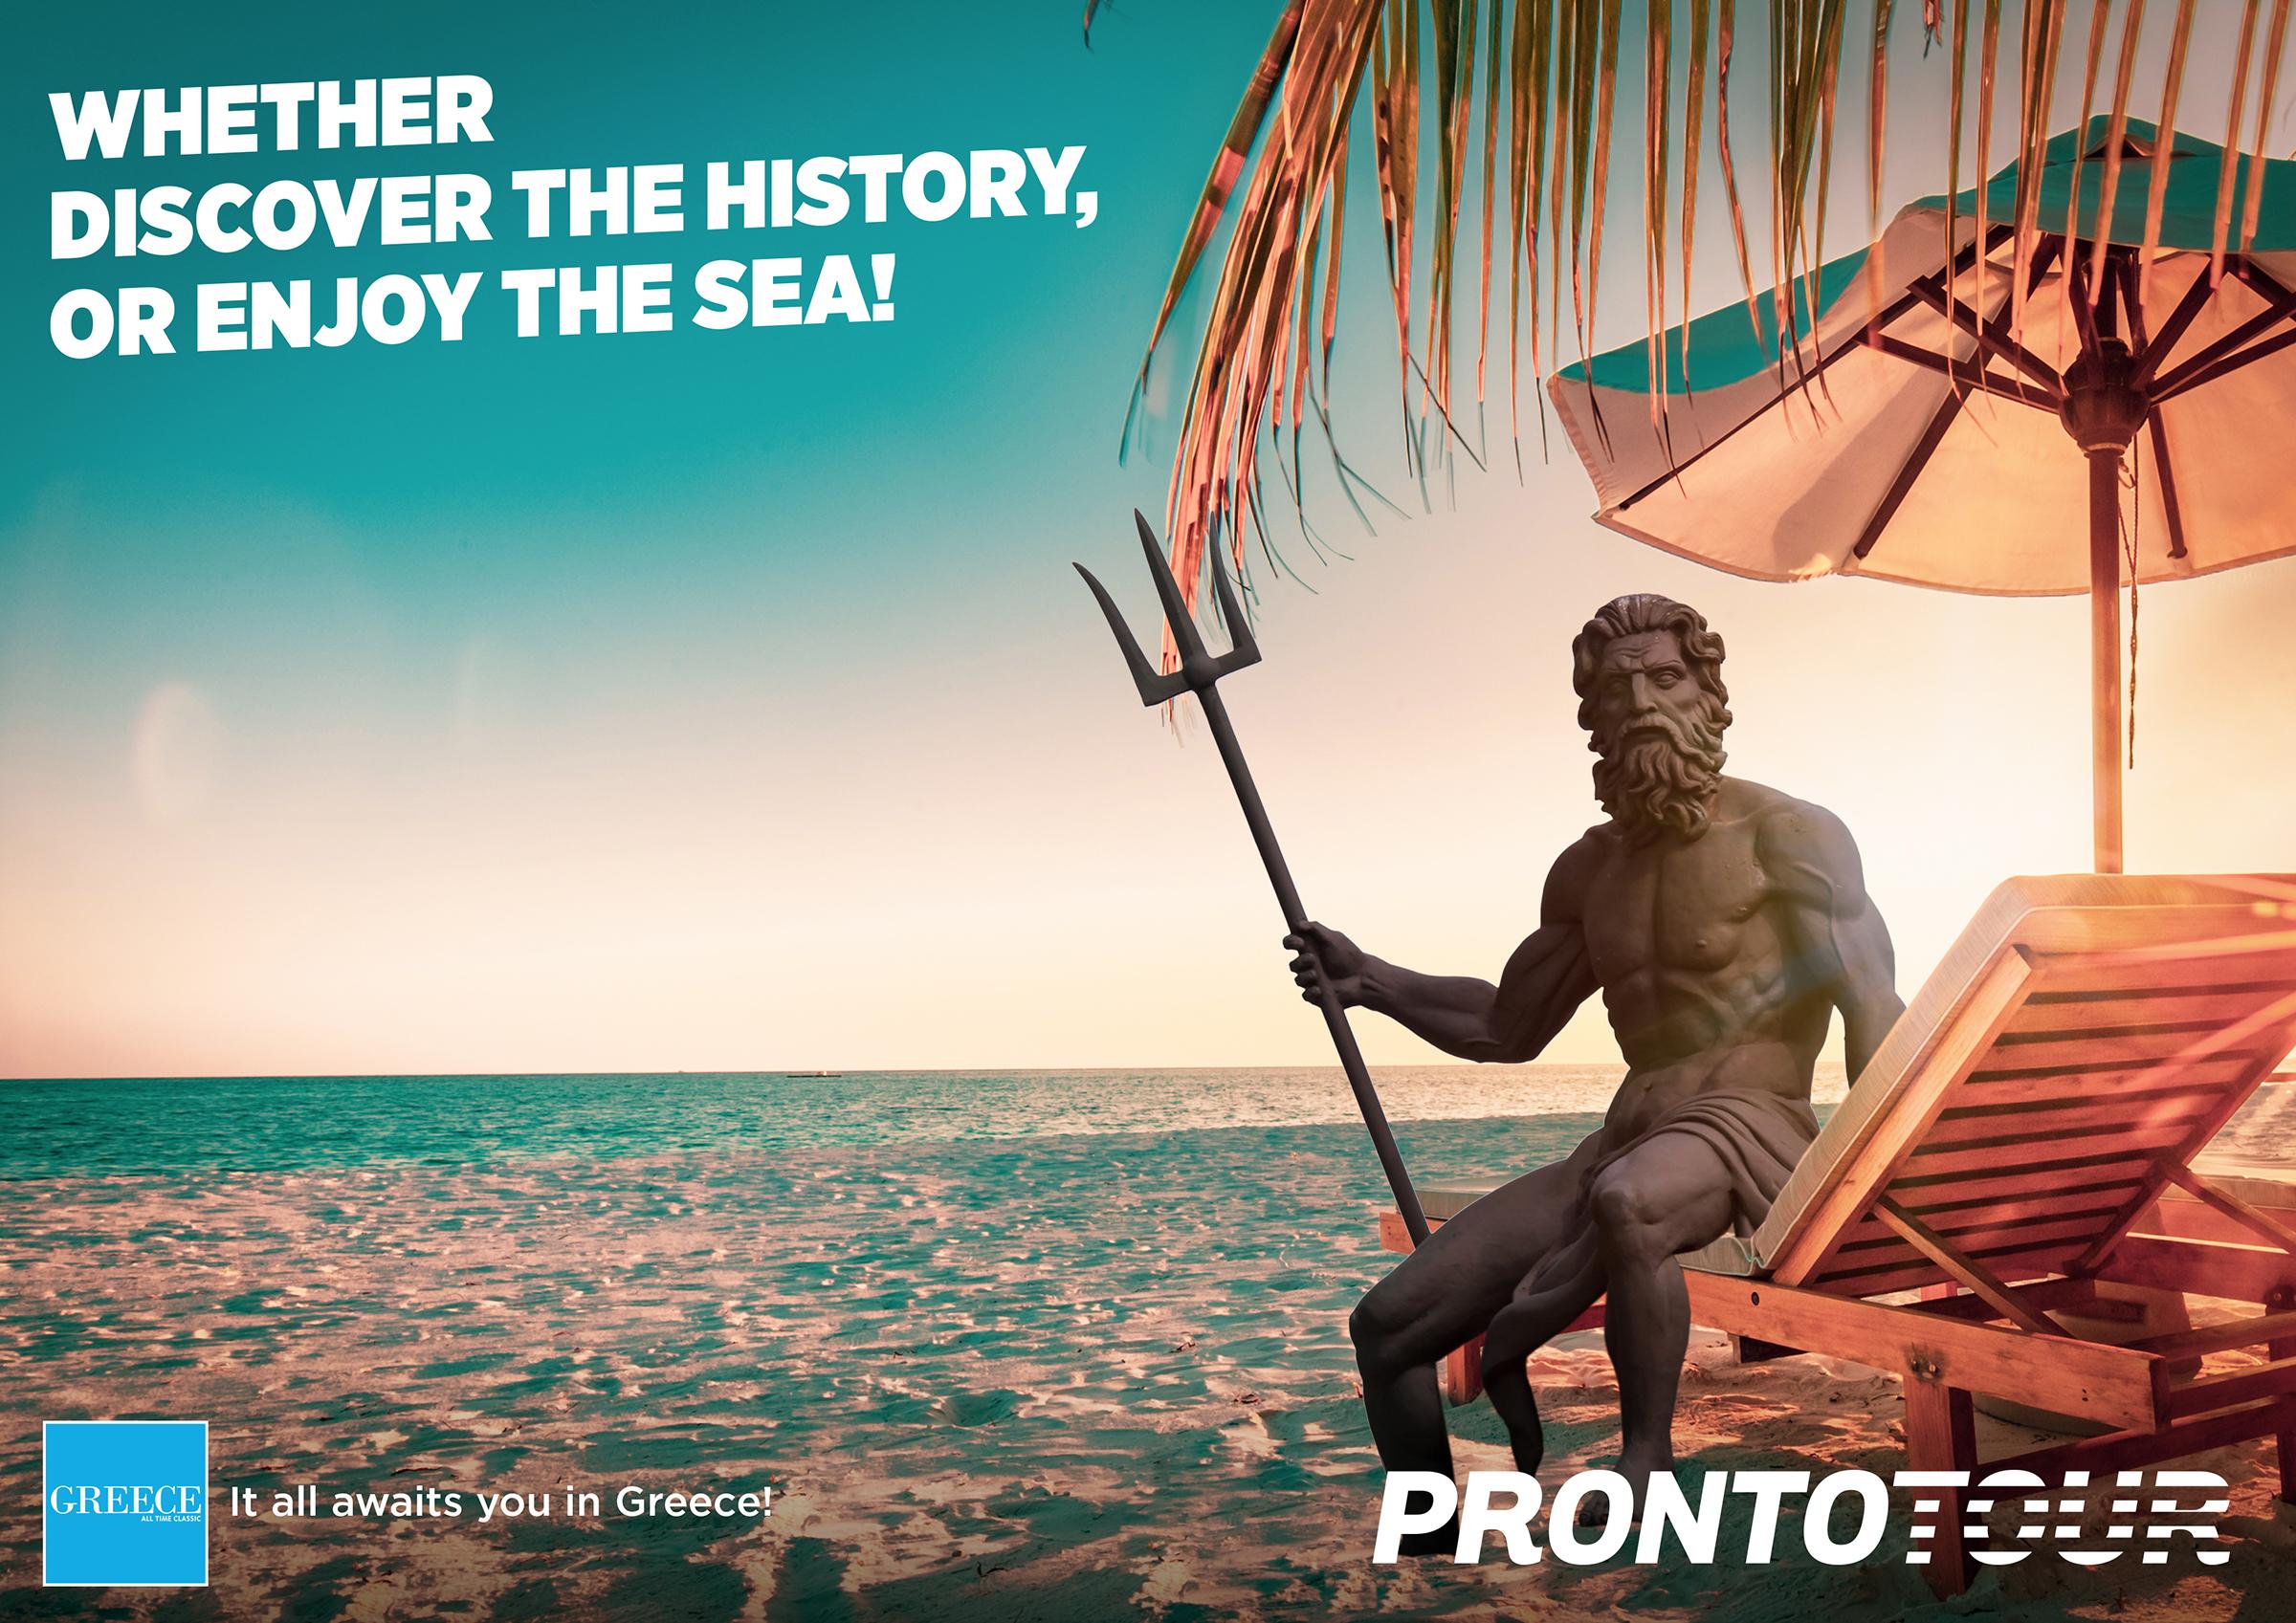 prontotour-reklamı-reklamlar-türkiyenin-reklamları-reklam-ajansı-marka-ajans-tatil-seyahat-greece-yunanistan